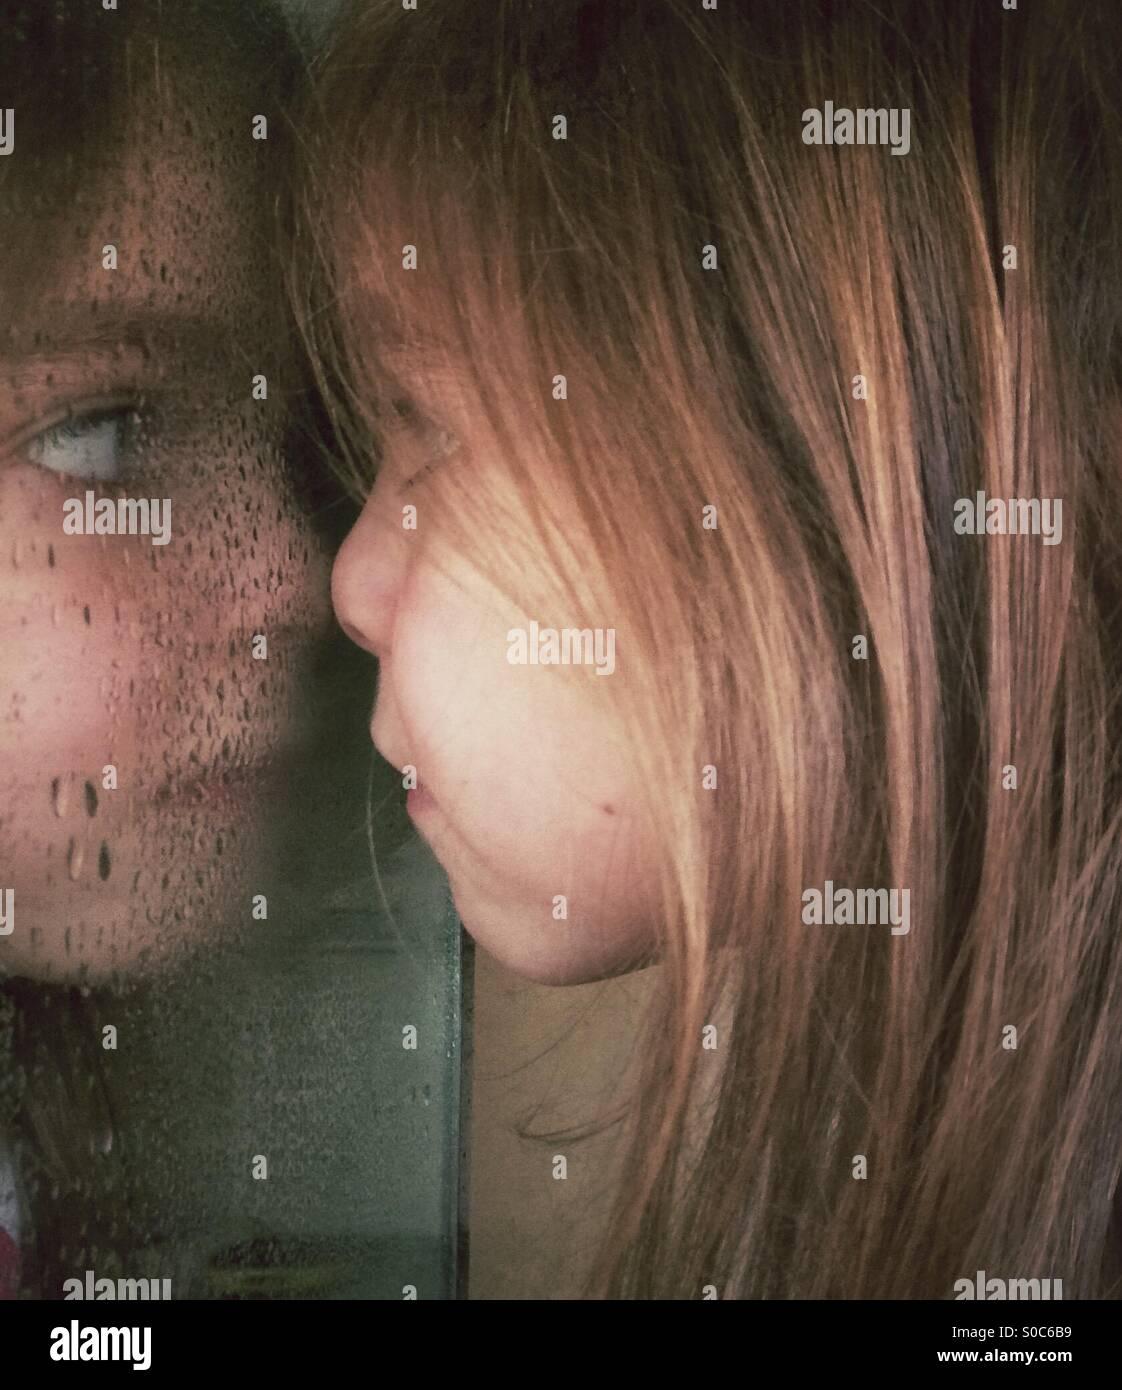 Mädchen drücken ihre Nase gegen nasse Badezimmerspiegel Stockbild